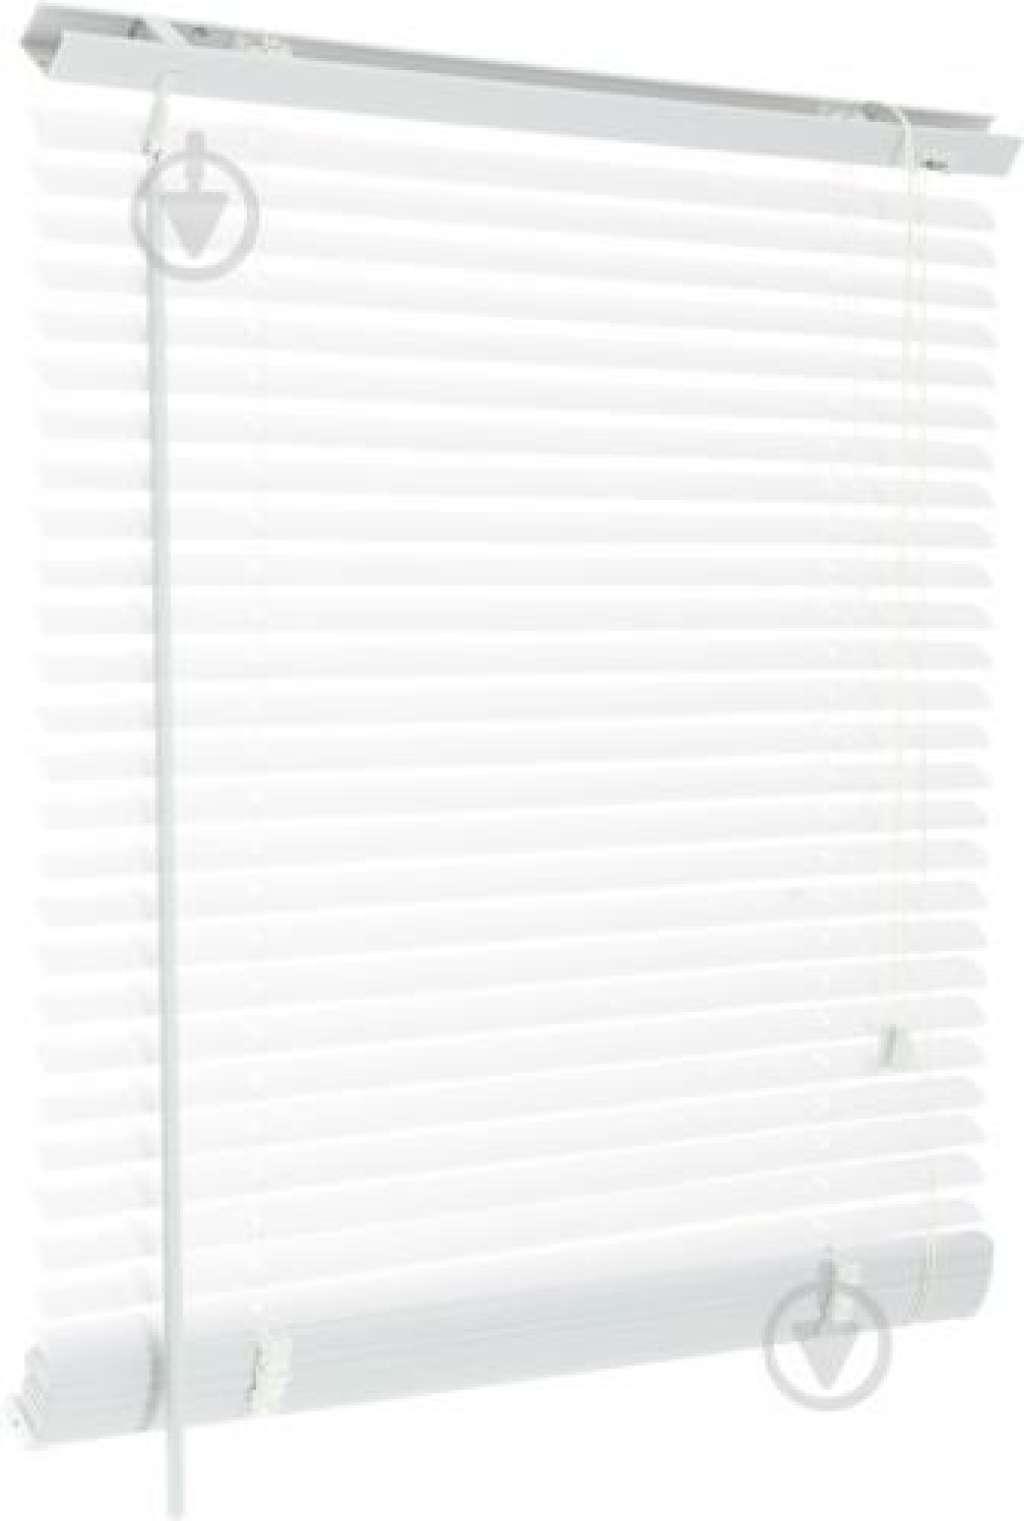 Жалюзі Bella Vita 65х160 см білий:  Ширина: 65 см  Довжина: 160 см  Матеріал: пластик  Країна-виробник: Китай